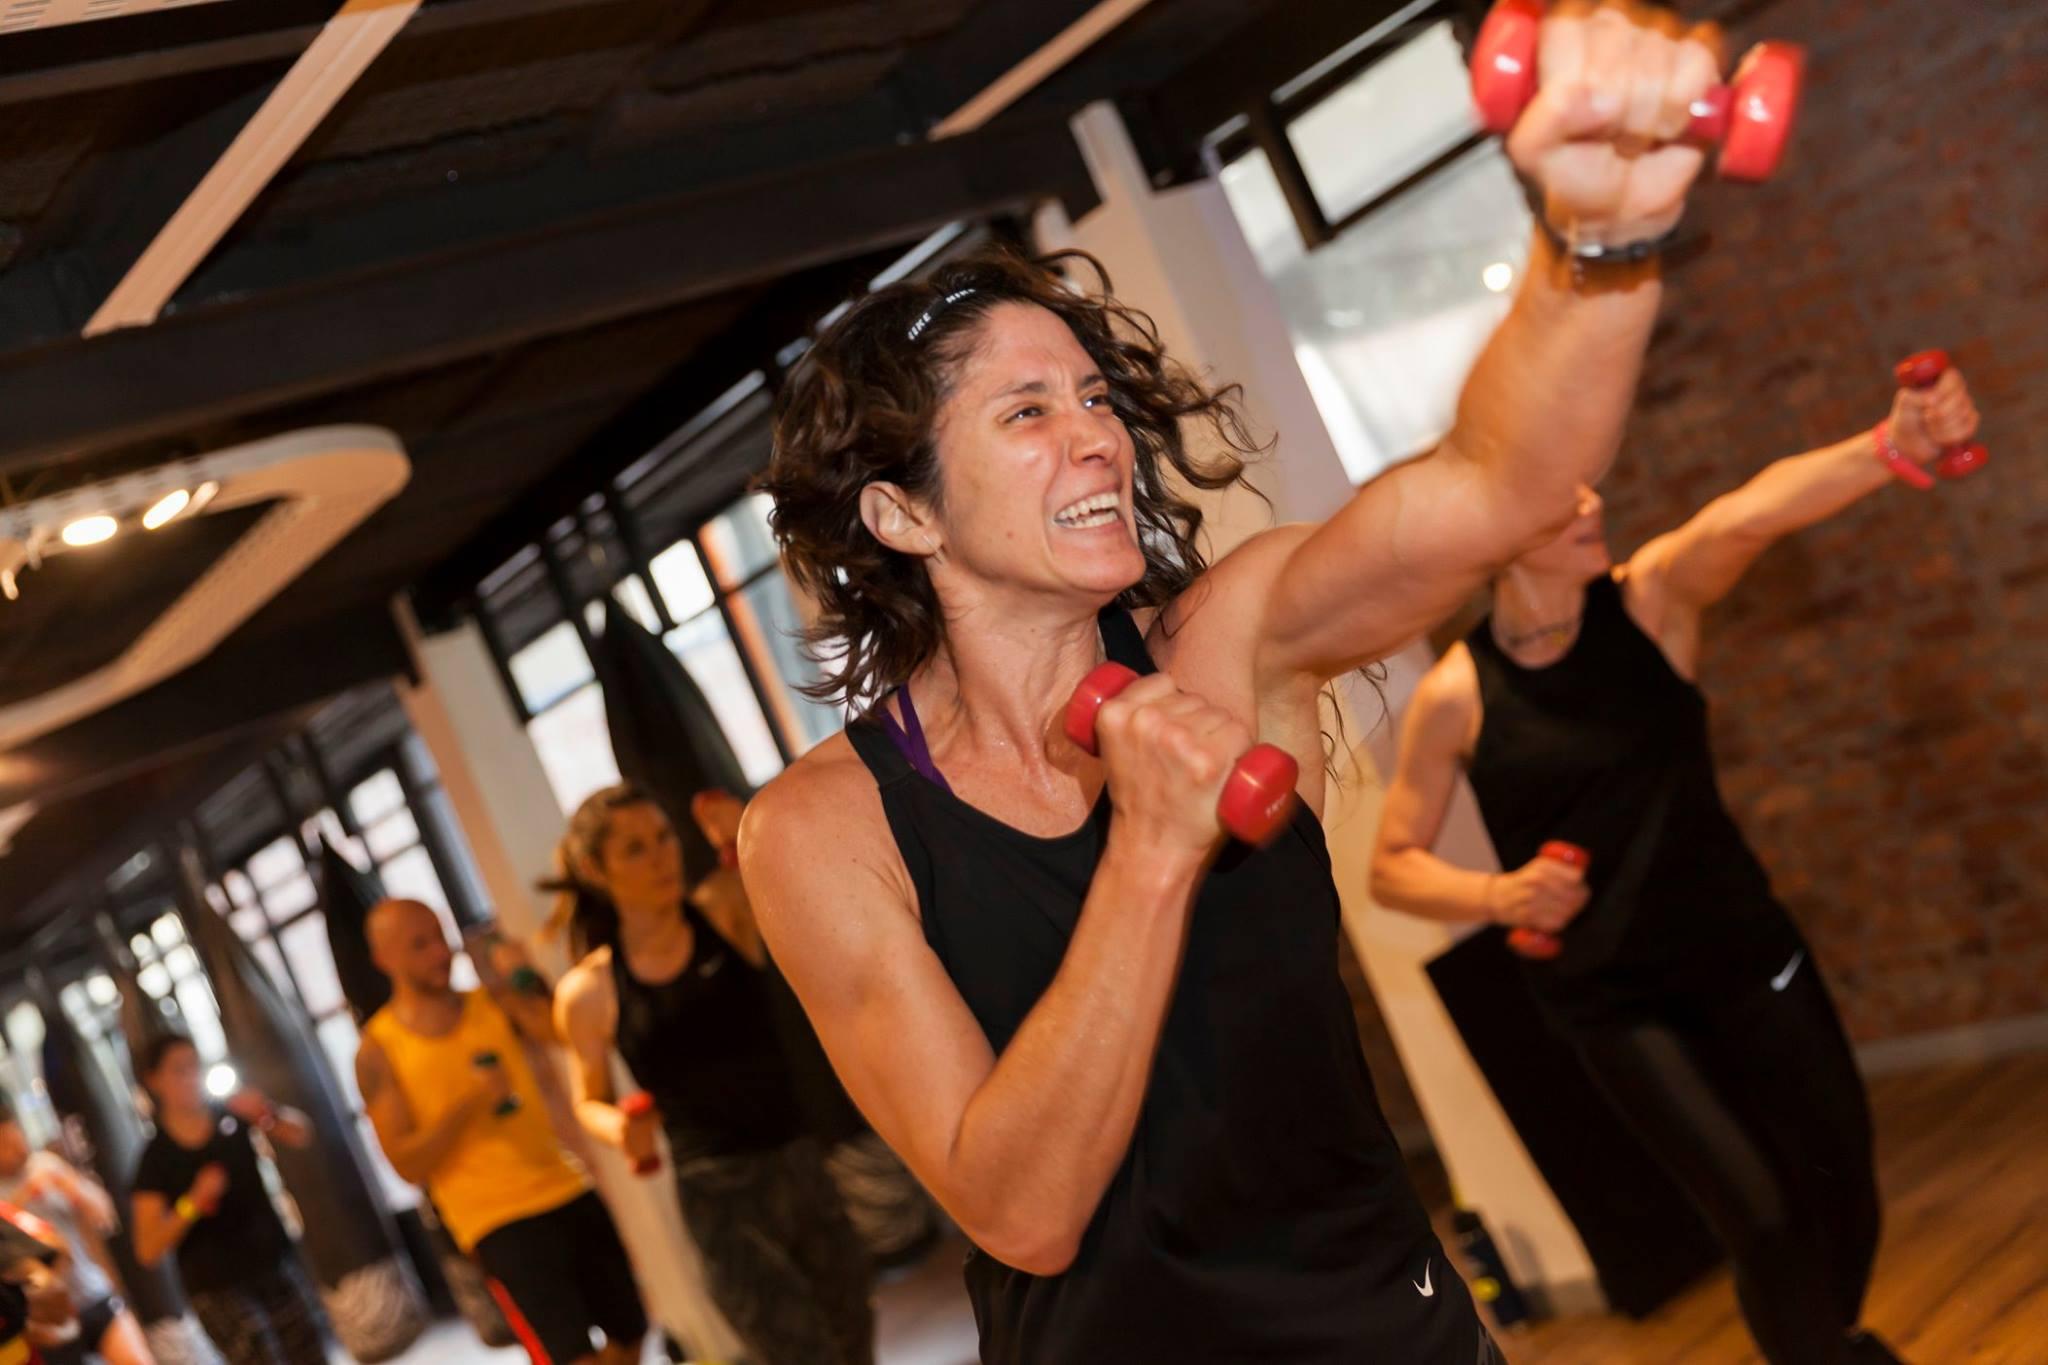 El desafío de KO30CHALLENGE en KO Urban Detox Center, deporte intenso + plan alimenticio a tu medida 1